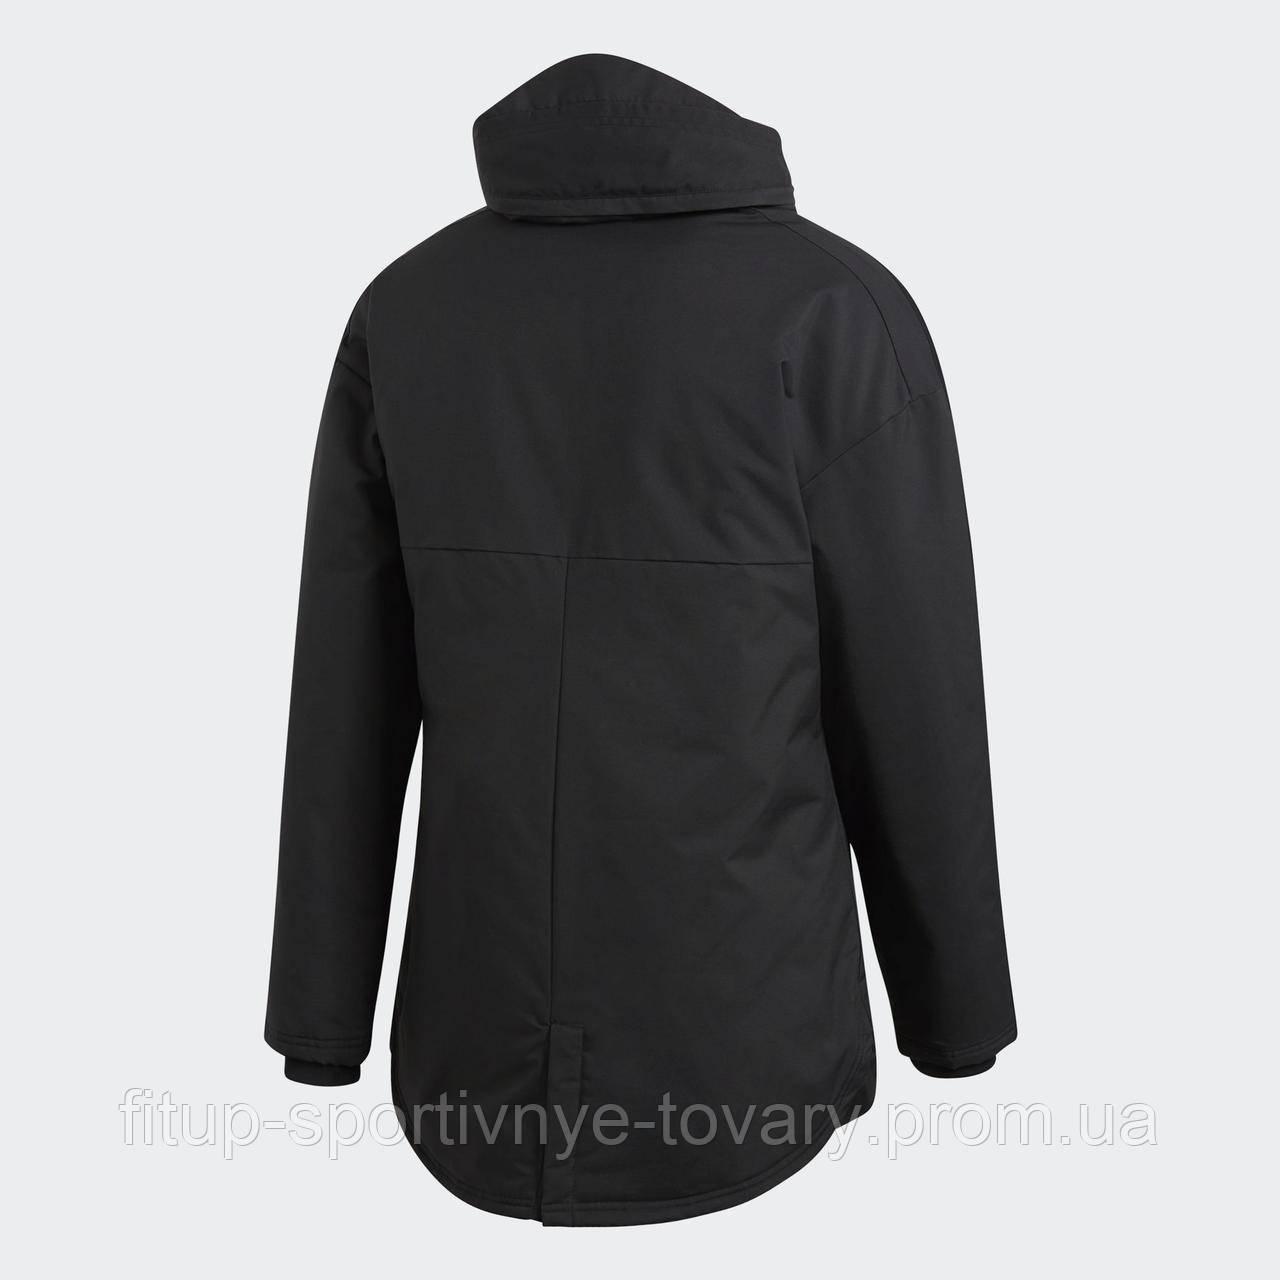 67c319c0 Мужская зимняя куртка Adidas JKT18 STADIUM PARKA BQ6594: продажа ...